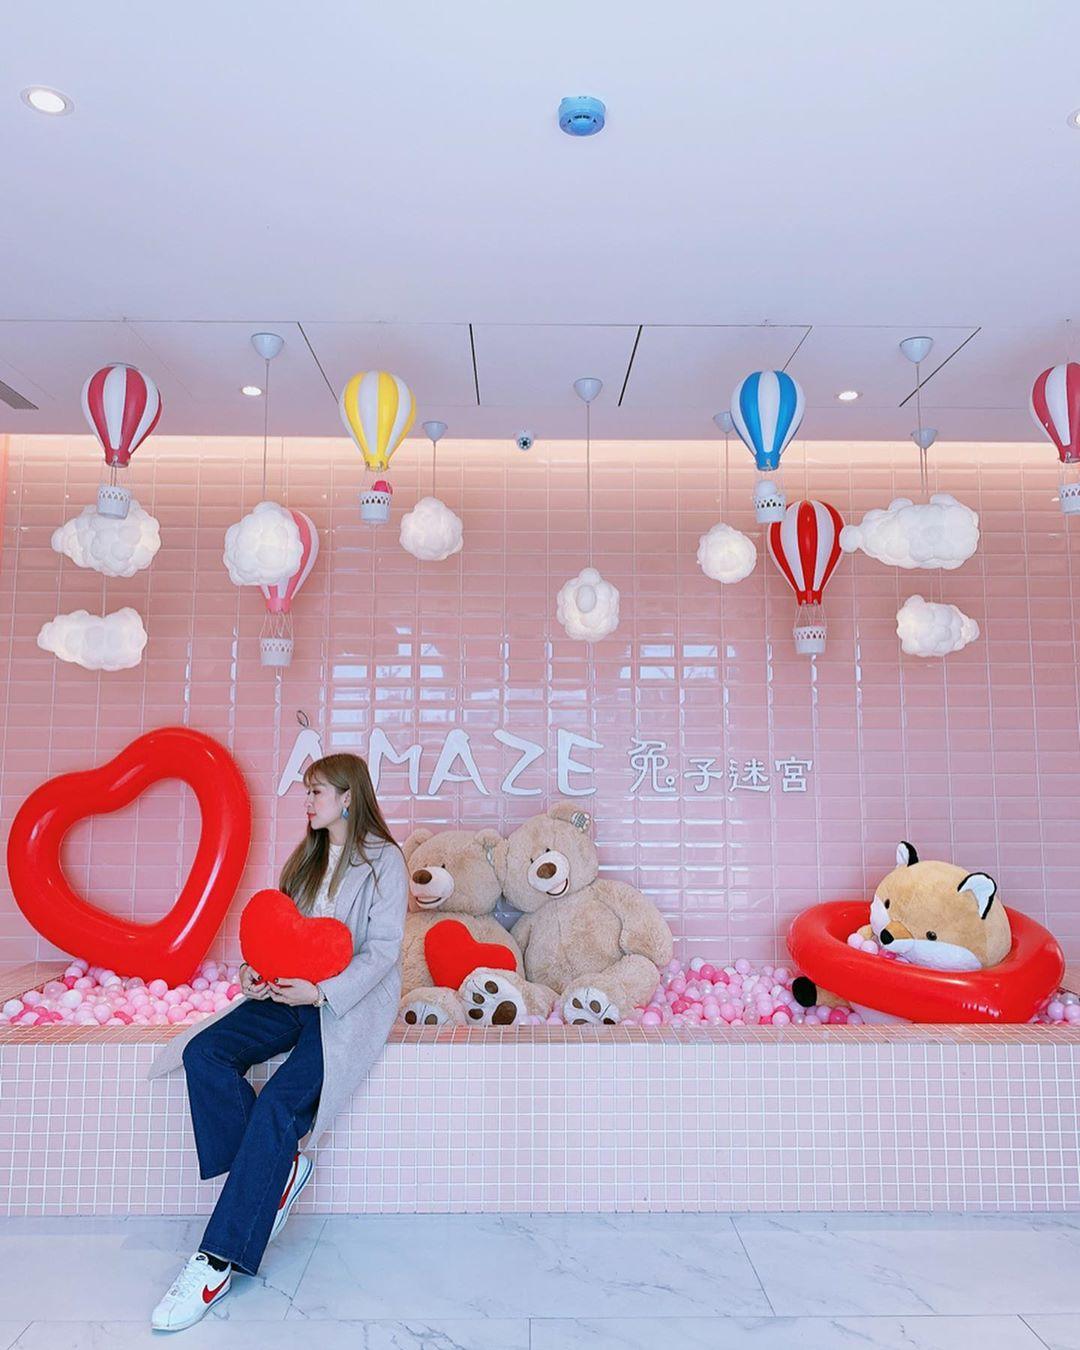 A Maze兔子迷宮 礁溪浴場@yuna Xiao 0803